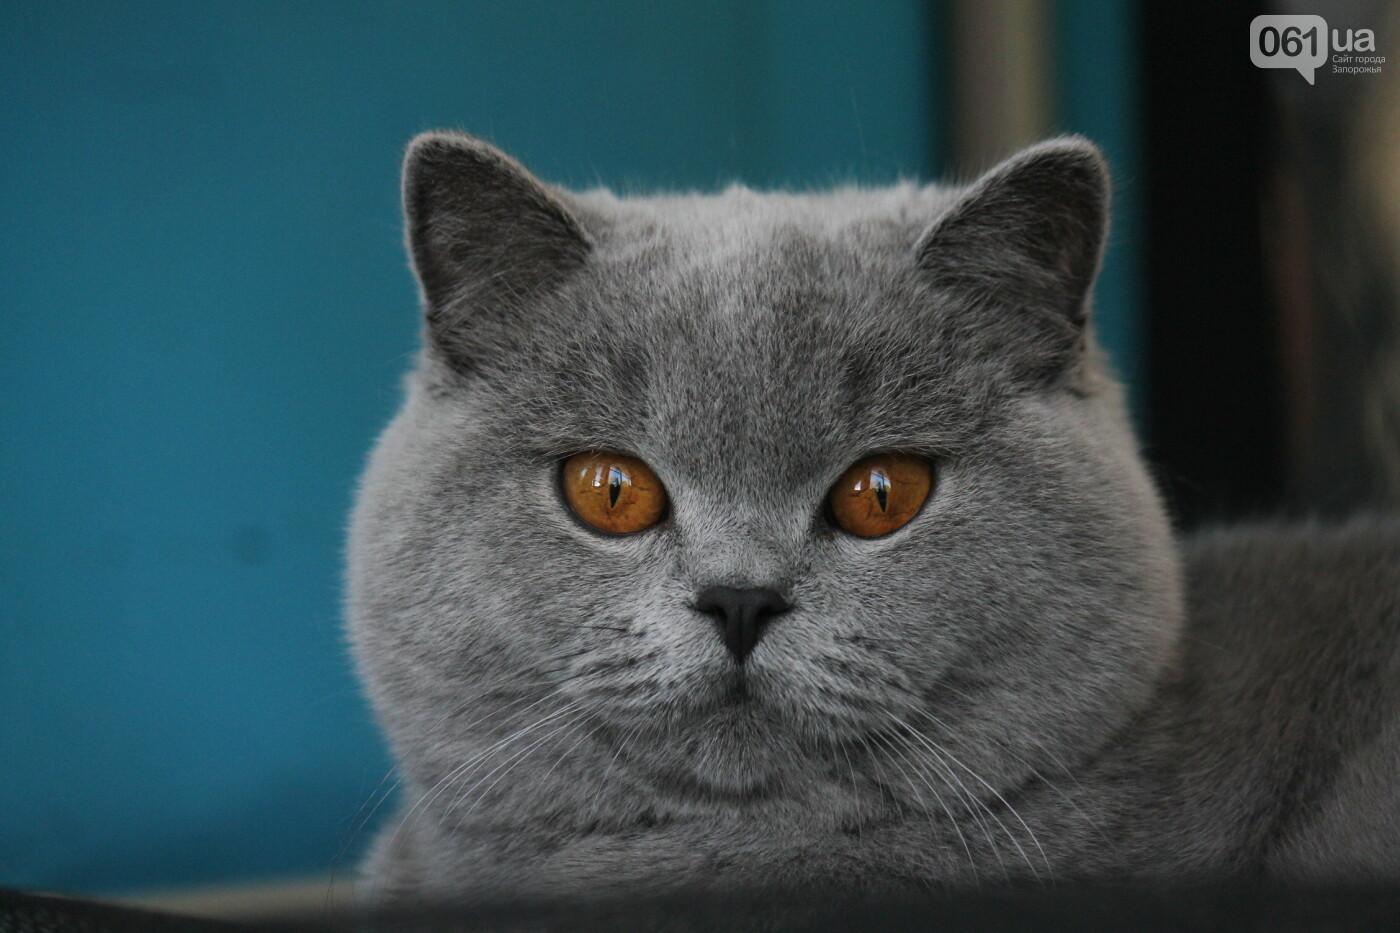 В Запорожье на выставке кошек показали 130 питомцев со всей Украины, – ФОТОРЕПОРТАЖ, фото-6